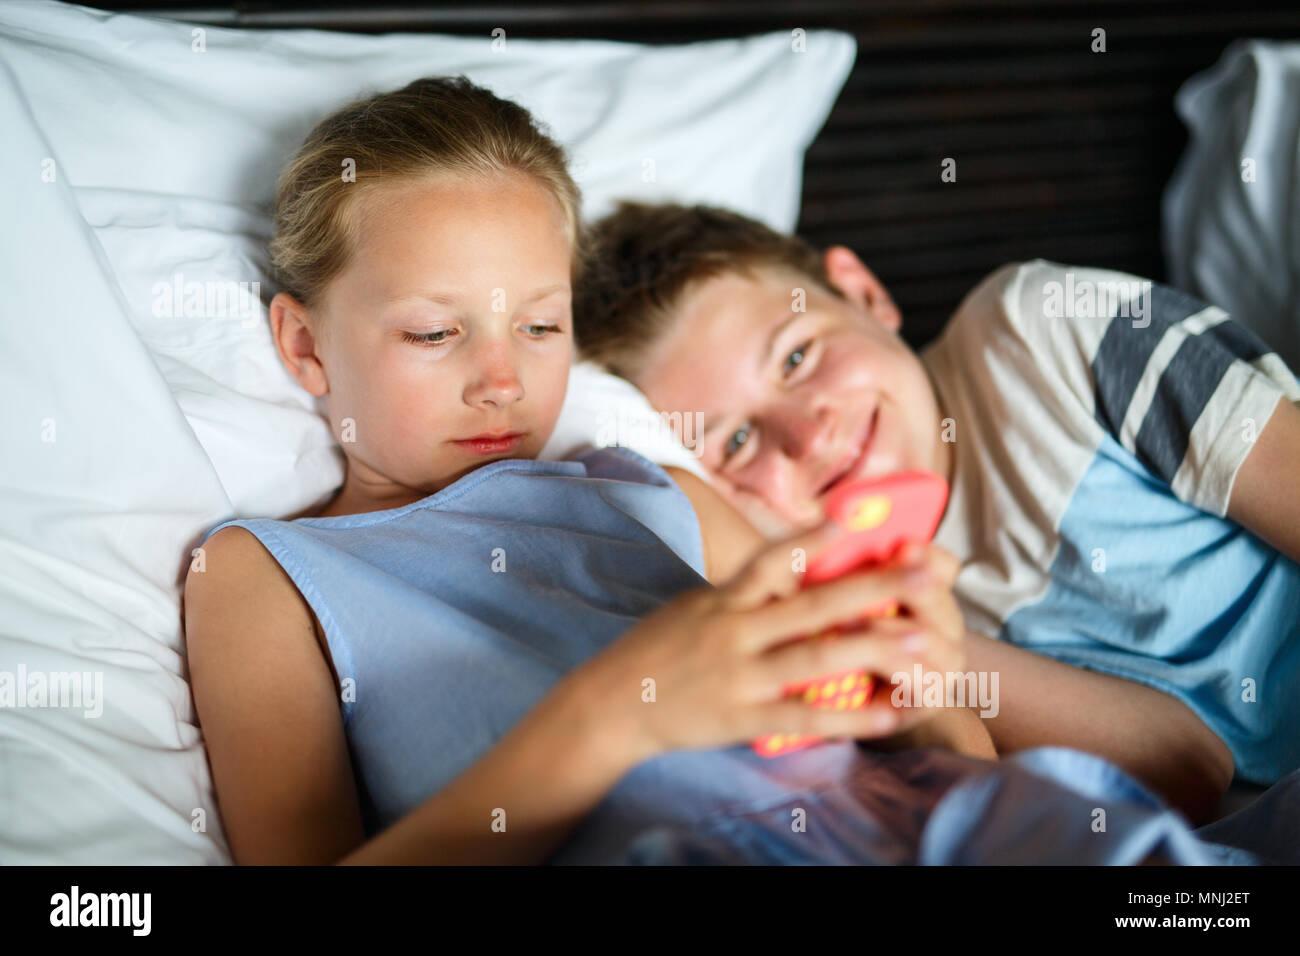 Les jeunes frère et sœur jouant sur un jeux portable ou smartphone Photo Stock